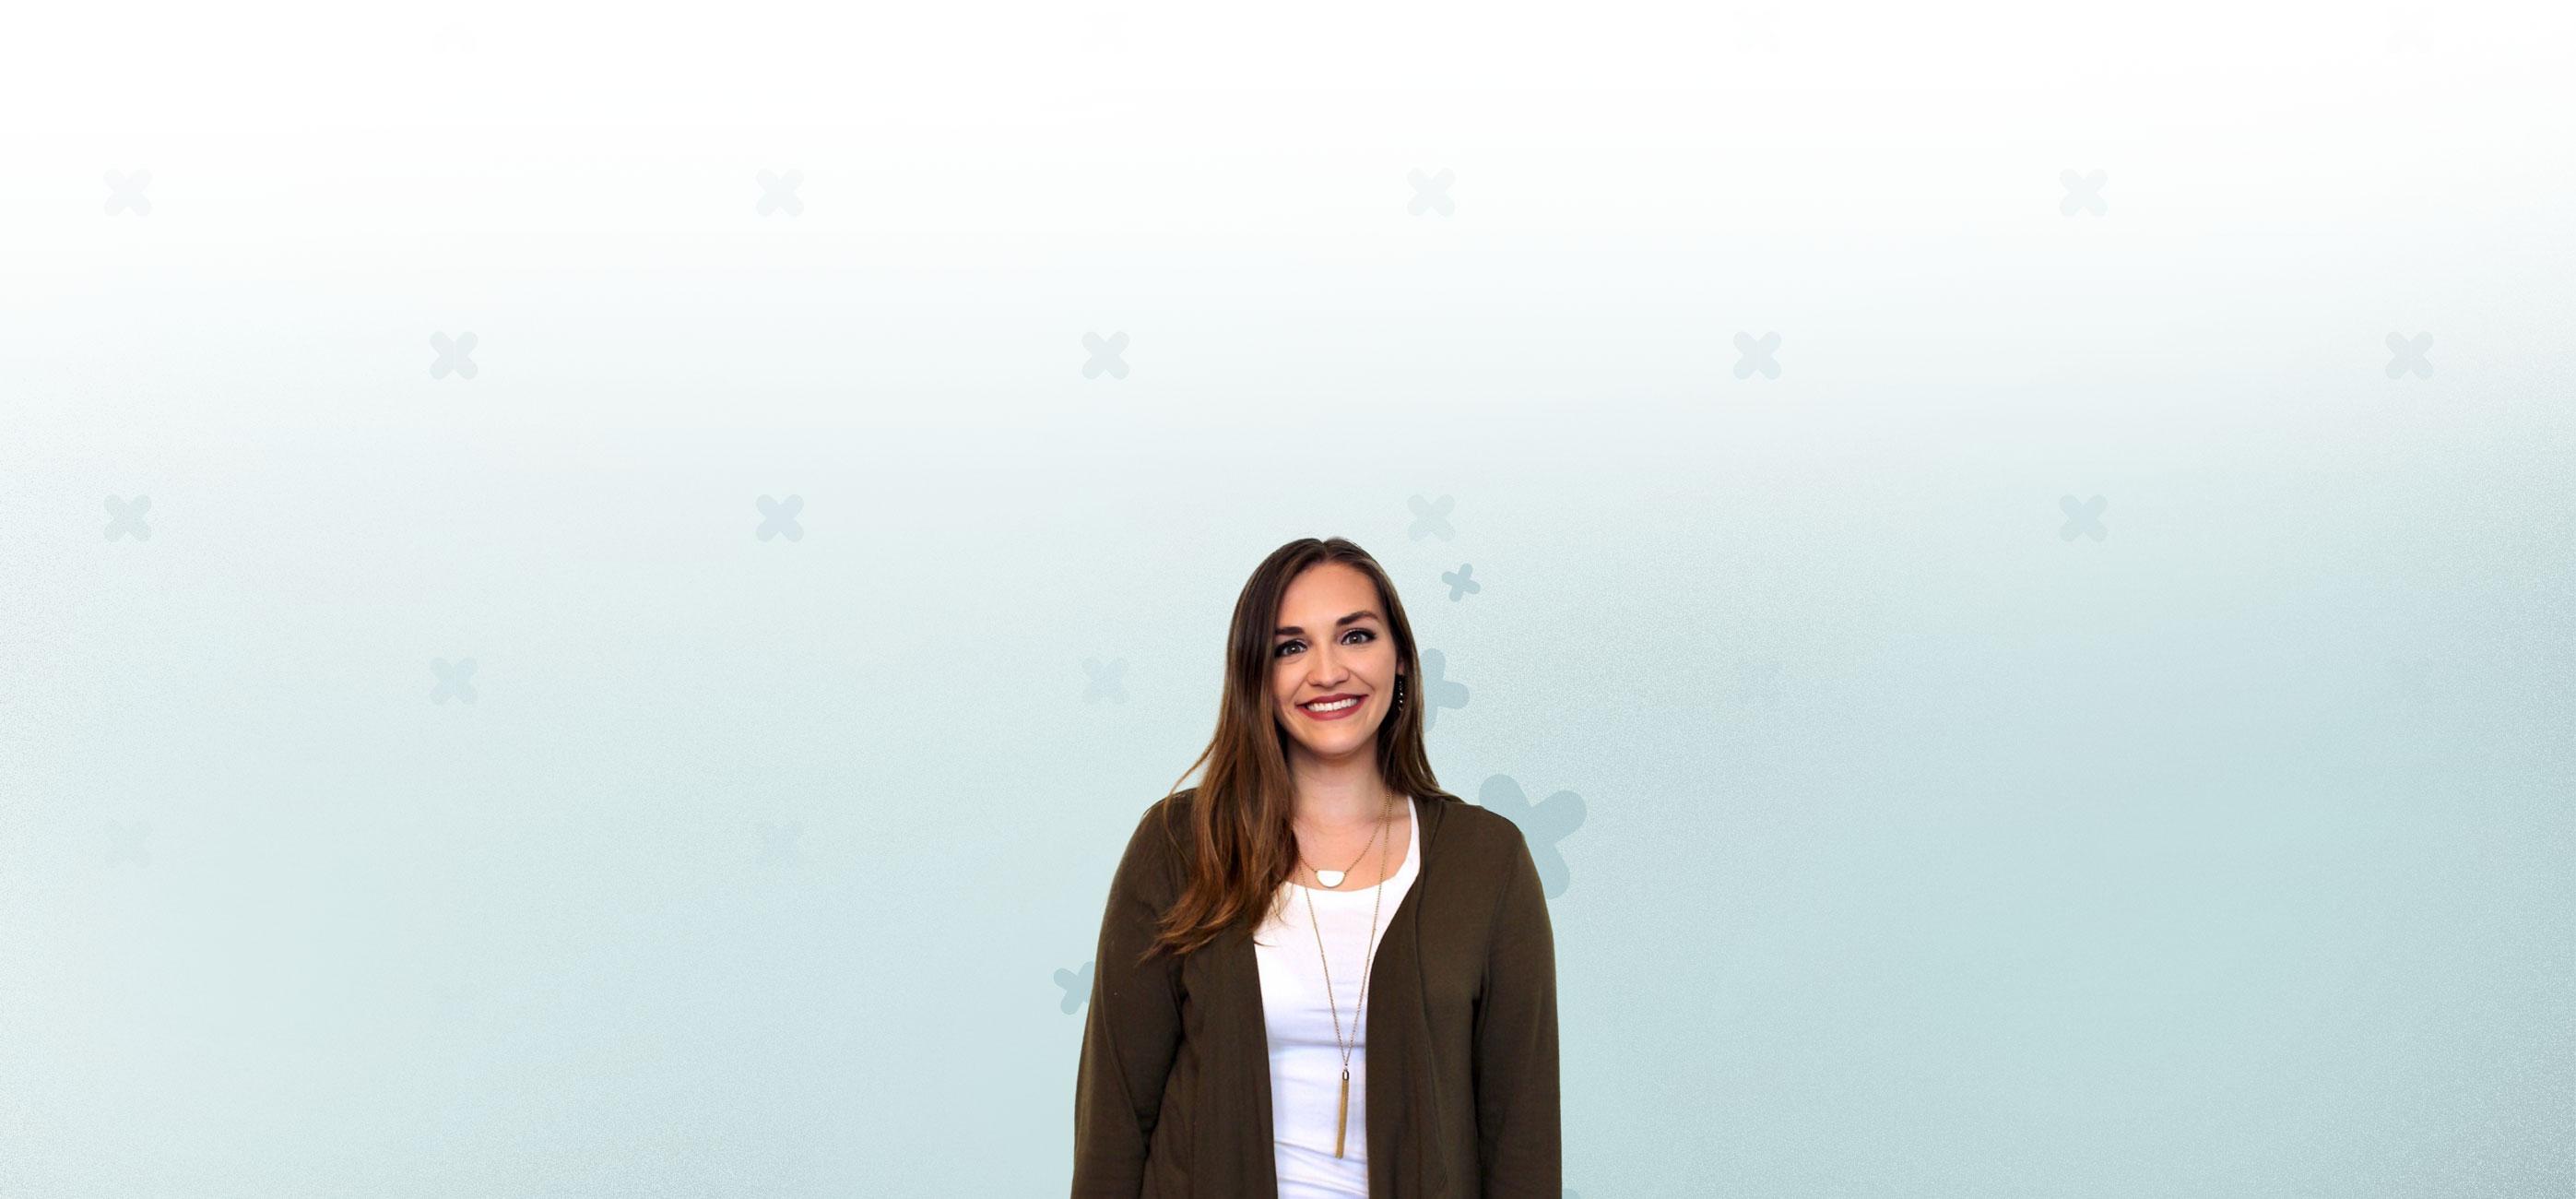 female employee banner mobile